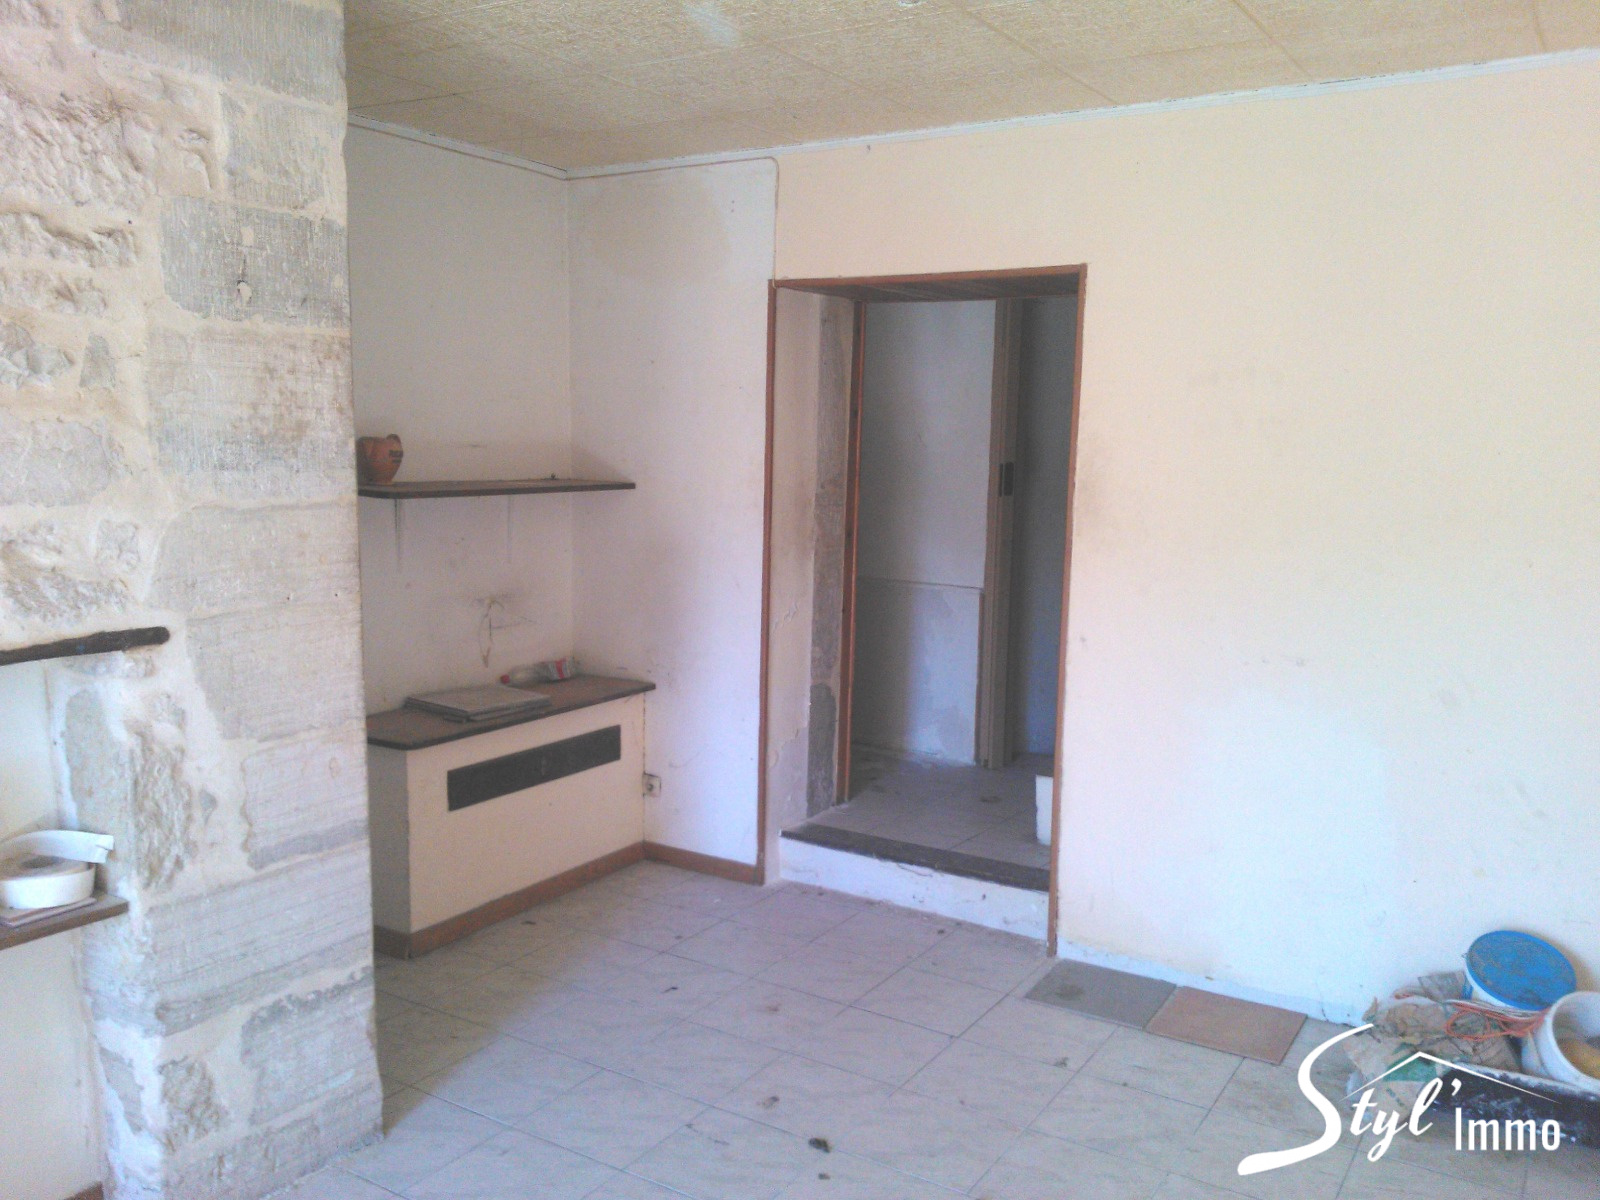 Vente maison villa petit prix ideal pour premier investissement maison de - Maison a renover petit prix ...